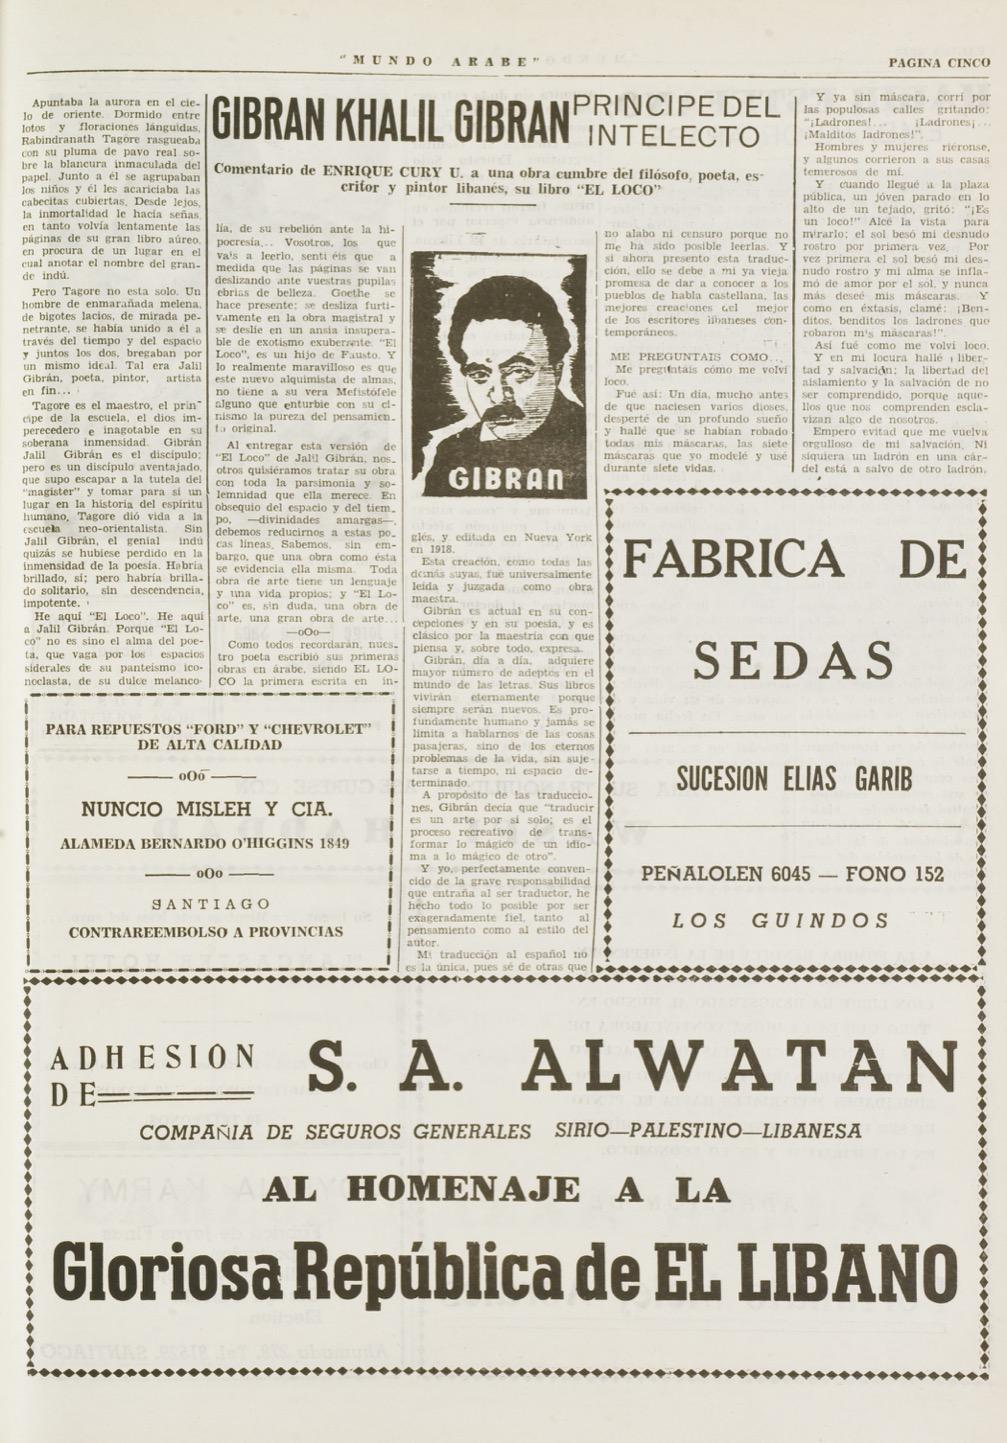 """Enrique Cury U., """"Gibran Khalil Gibran, Principe del Intelecto"""", Mundo Árabe, Nov 22, 1954, p. 5."""